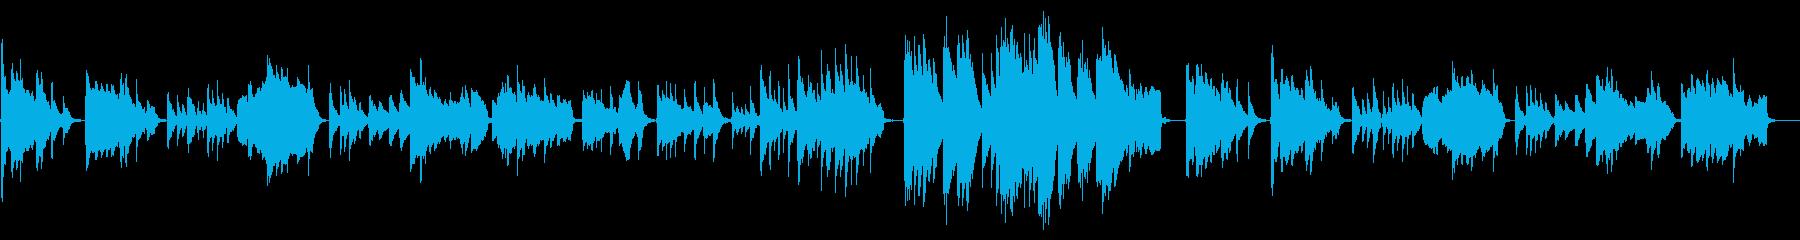 箏と尺八による渋い和風楽曲の再生済みの波形